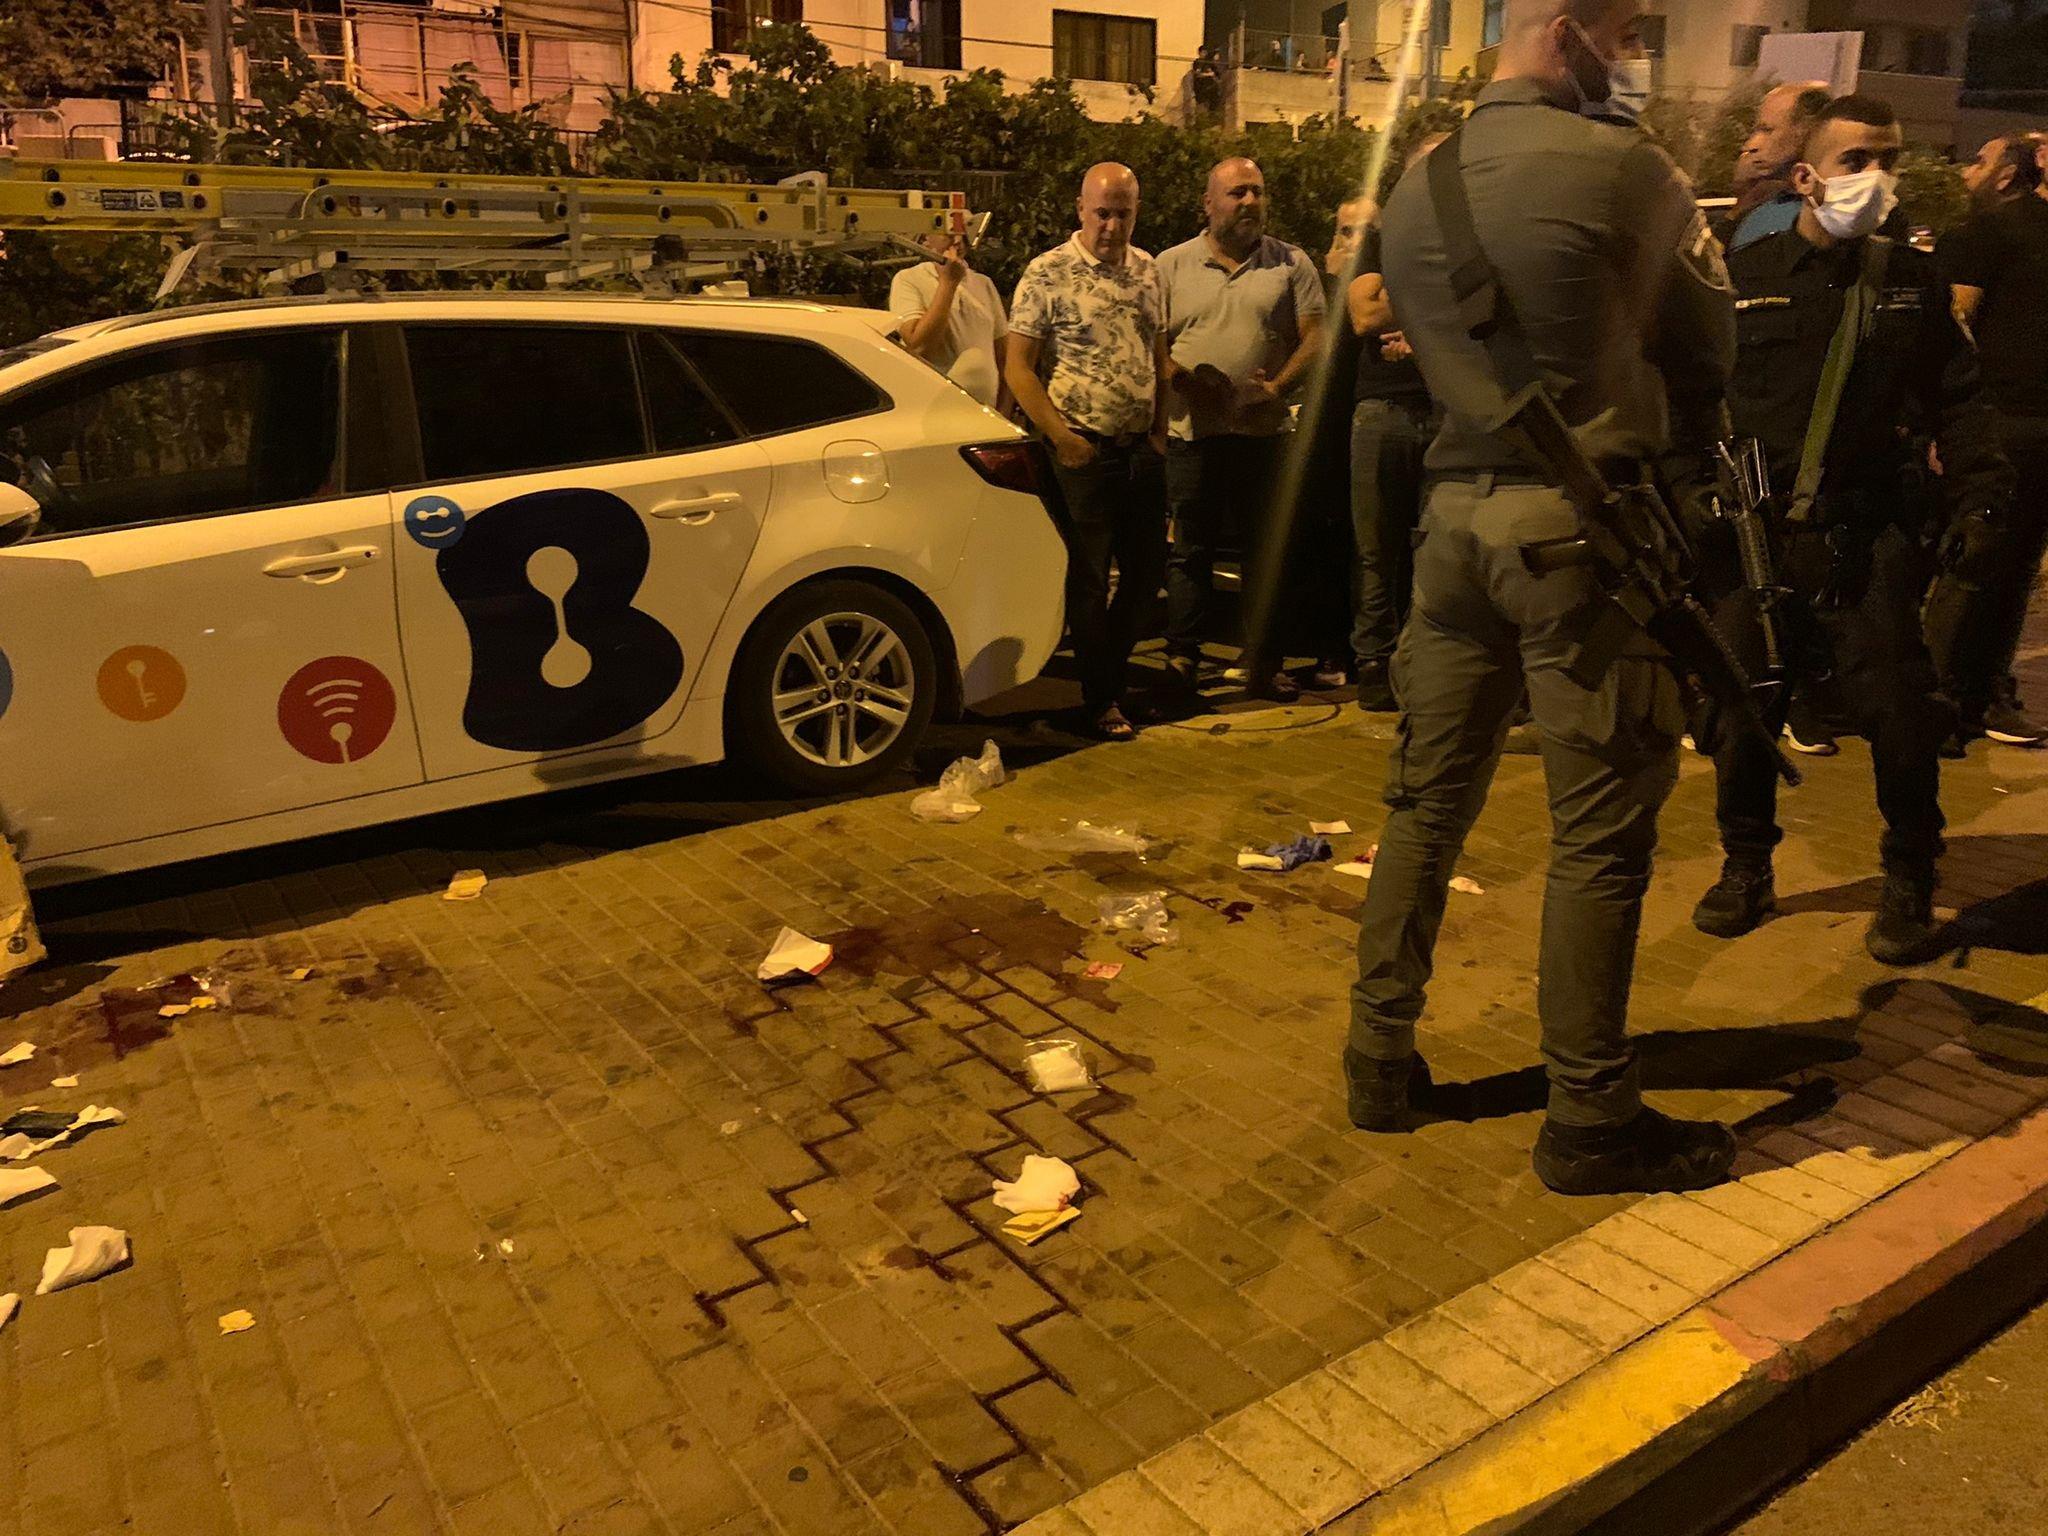 جريمة قتل في دير حنا: مقتل الشاب جهاد حمود وإصابة آخرين-2